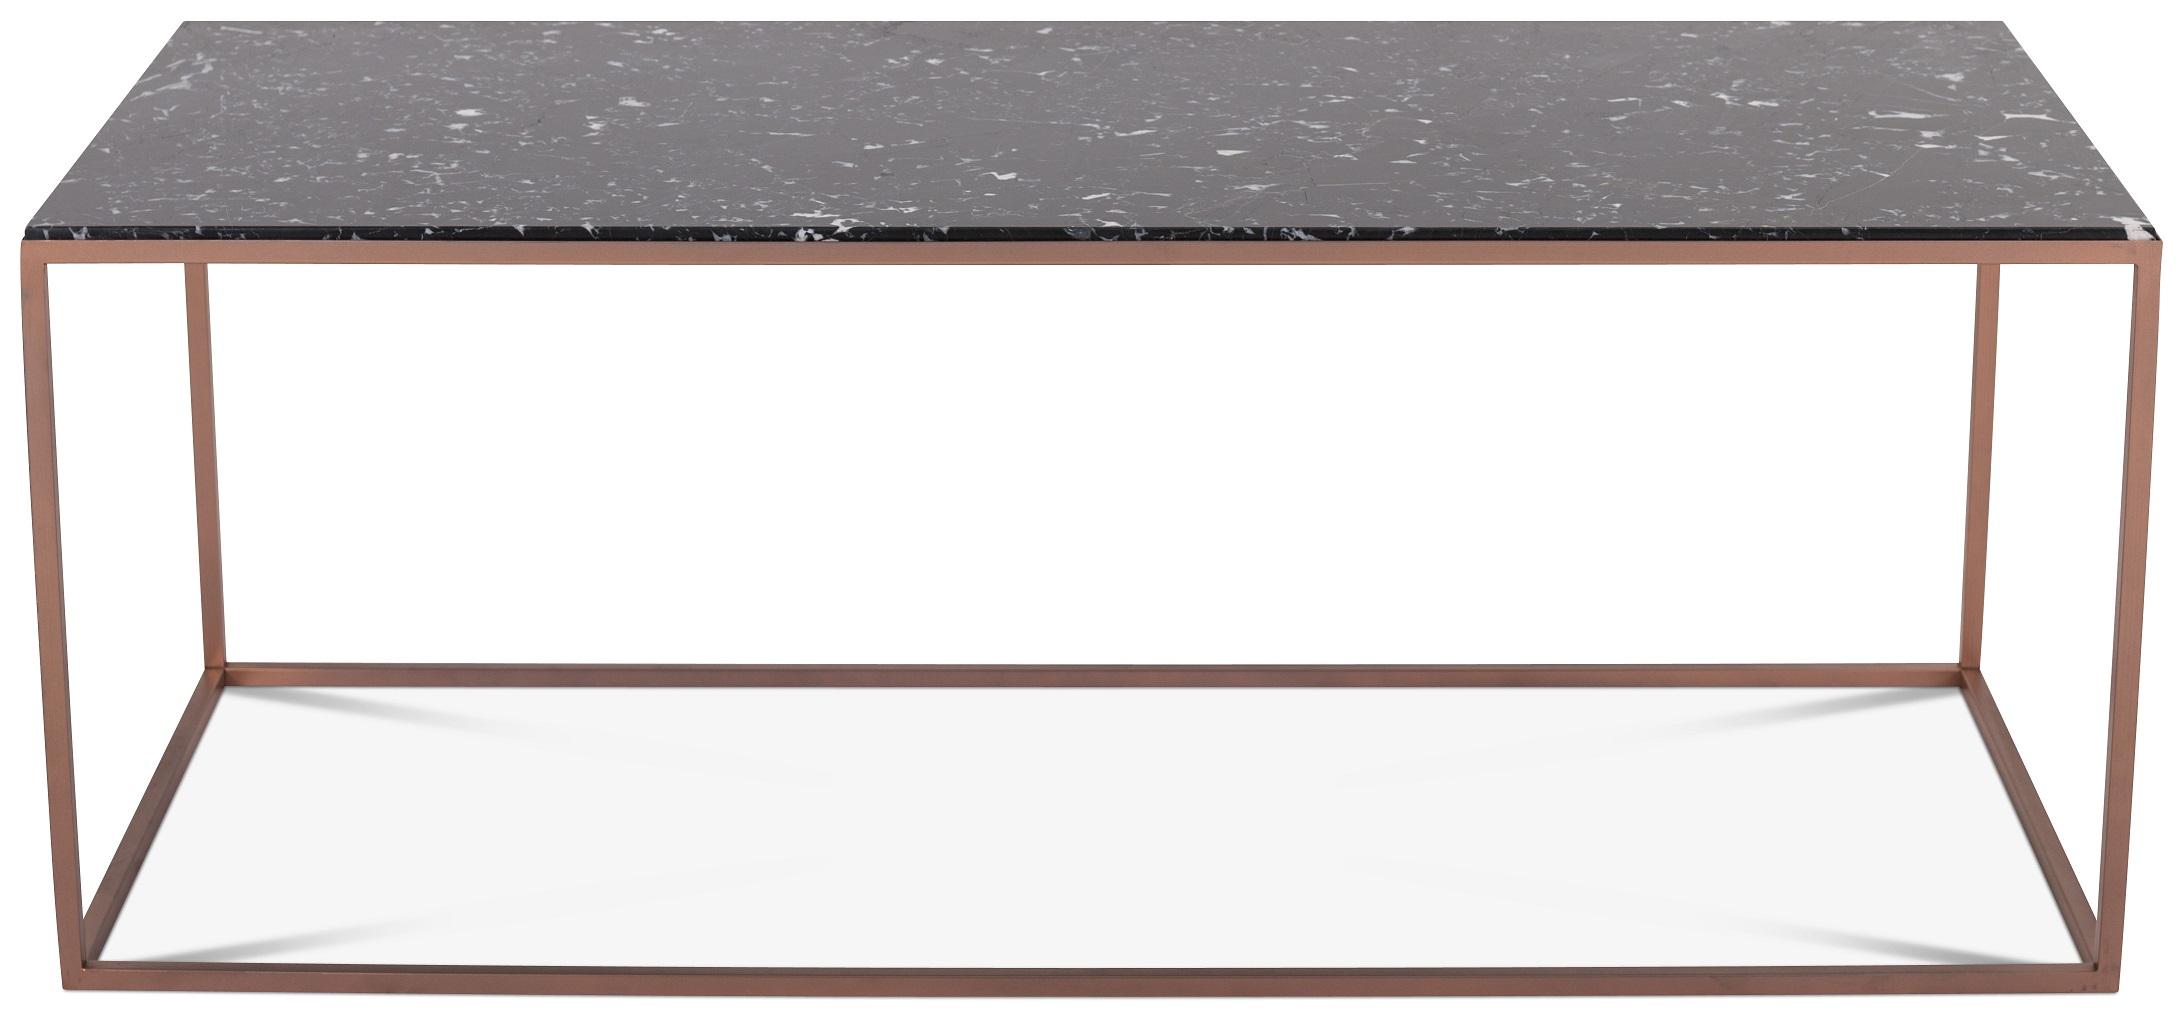 Carrera soffbord 125 cm Svart Marmor Koppar 3695 kr Trendrum se